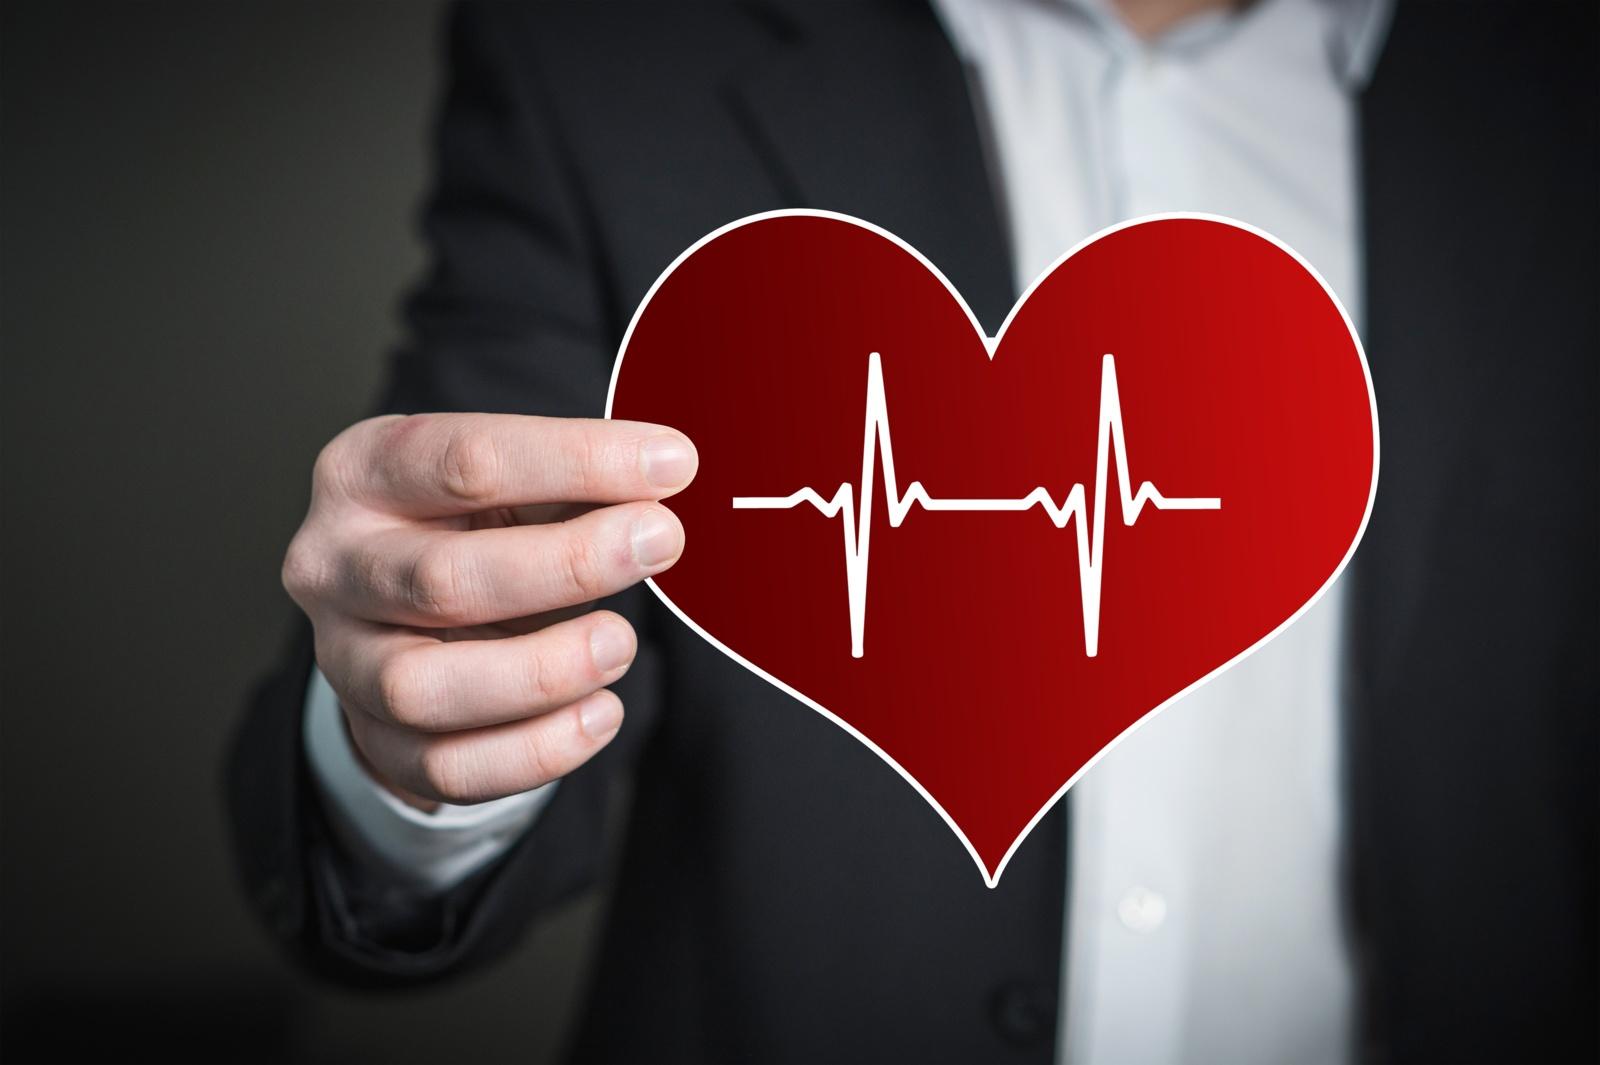 kaip įrodyti, kad sergate hipertenzija hipertenzijos gydymas nikotino rūgštimi